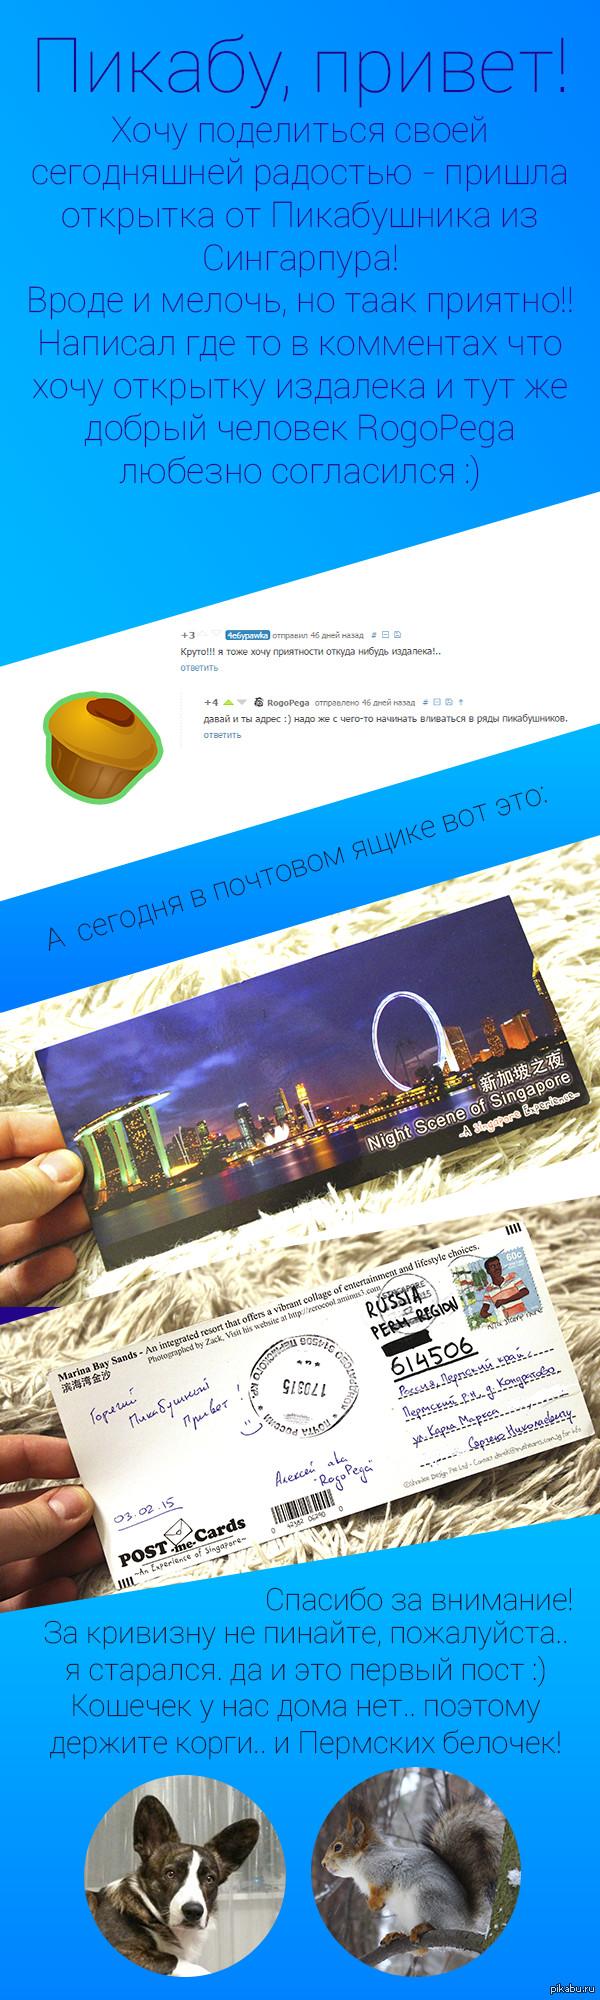 Поздравлением, отправить открытку из сингапура